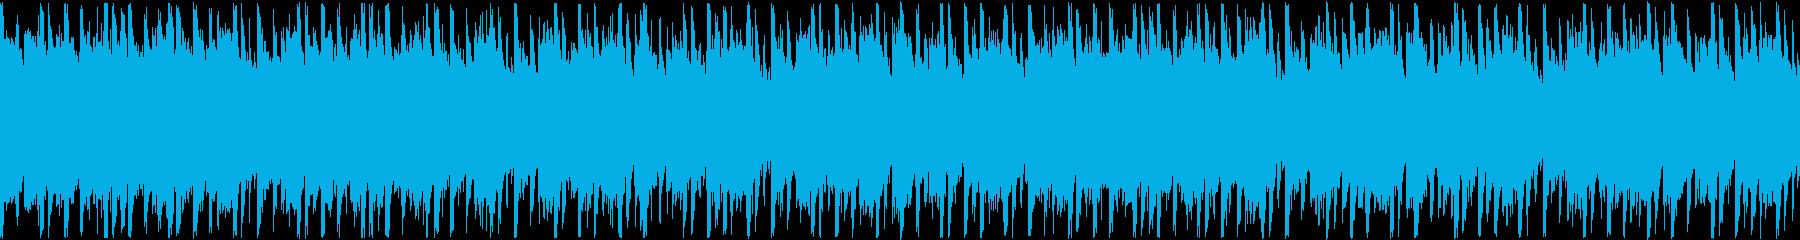 【ループ用】 ファンタジーRPG ゲームの再生済みの波形